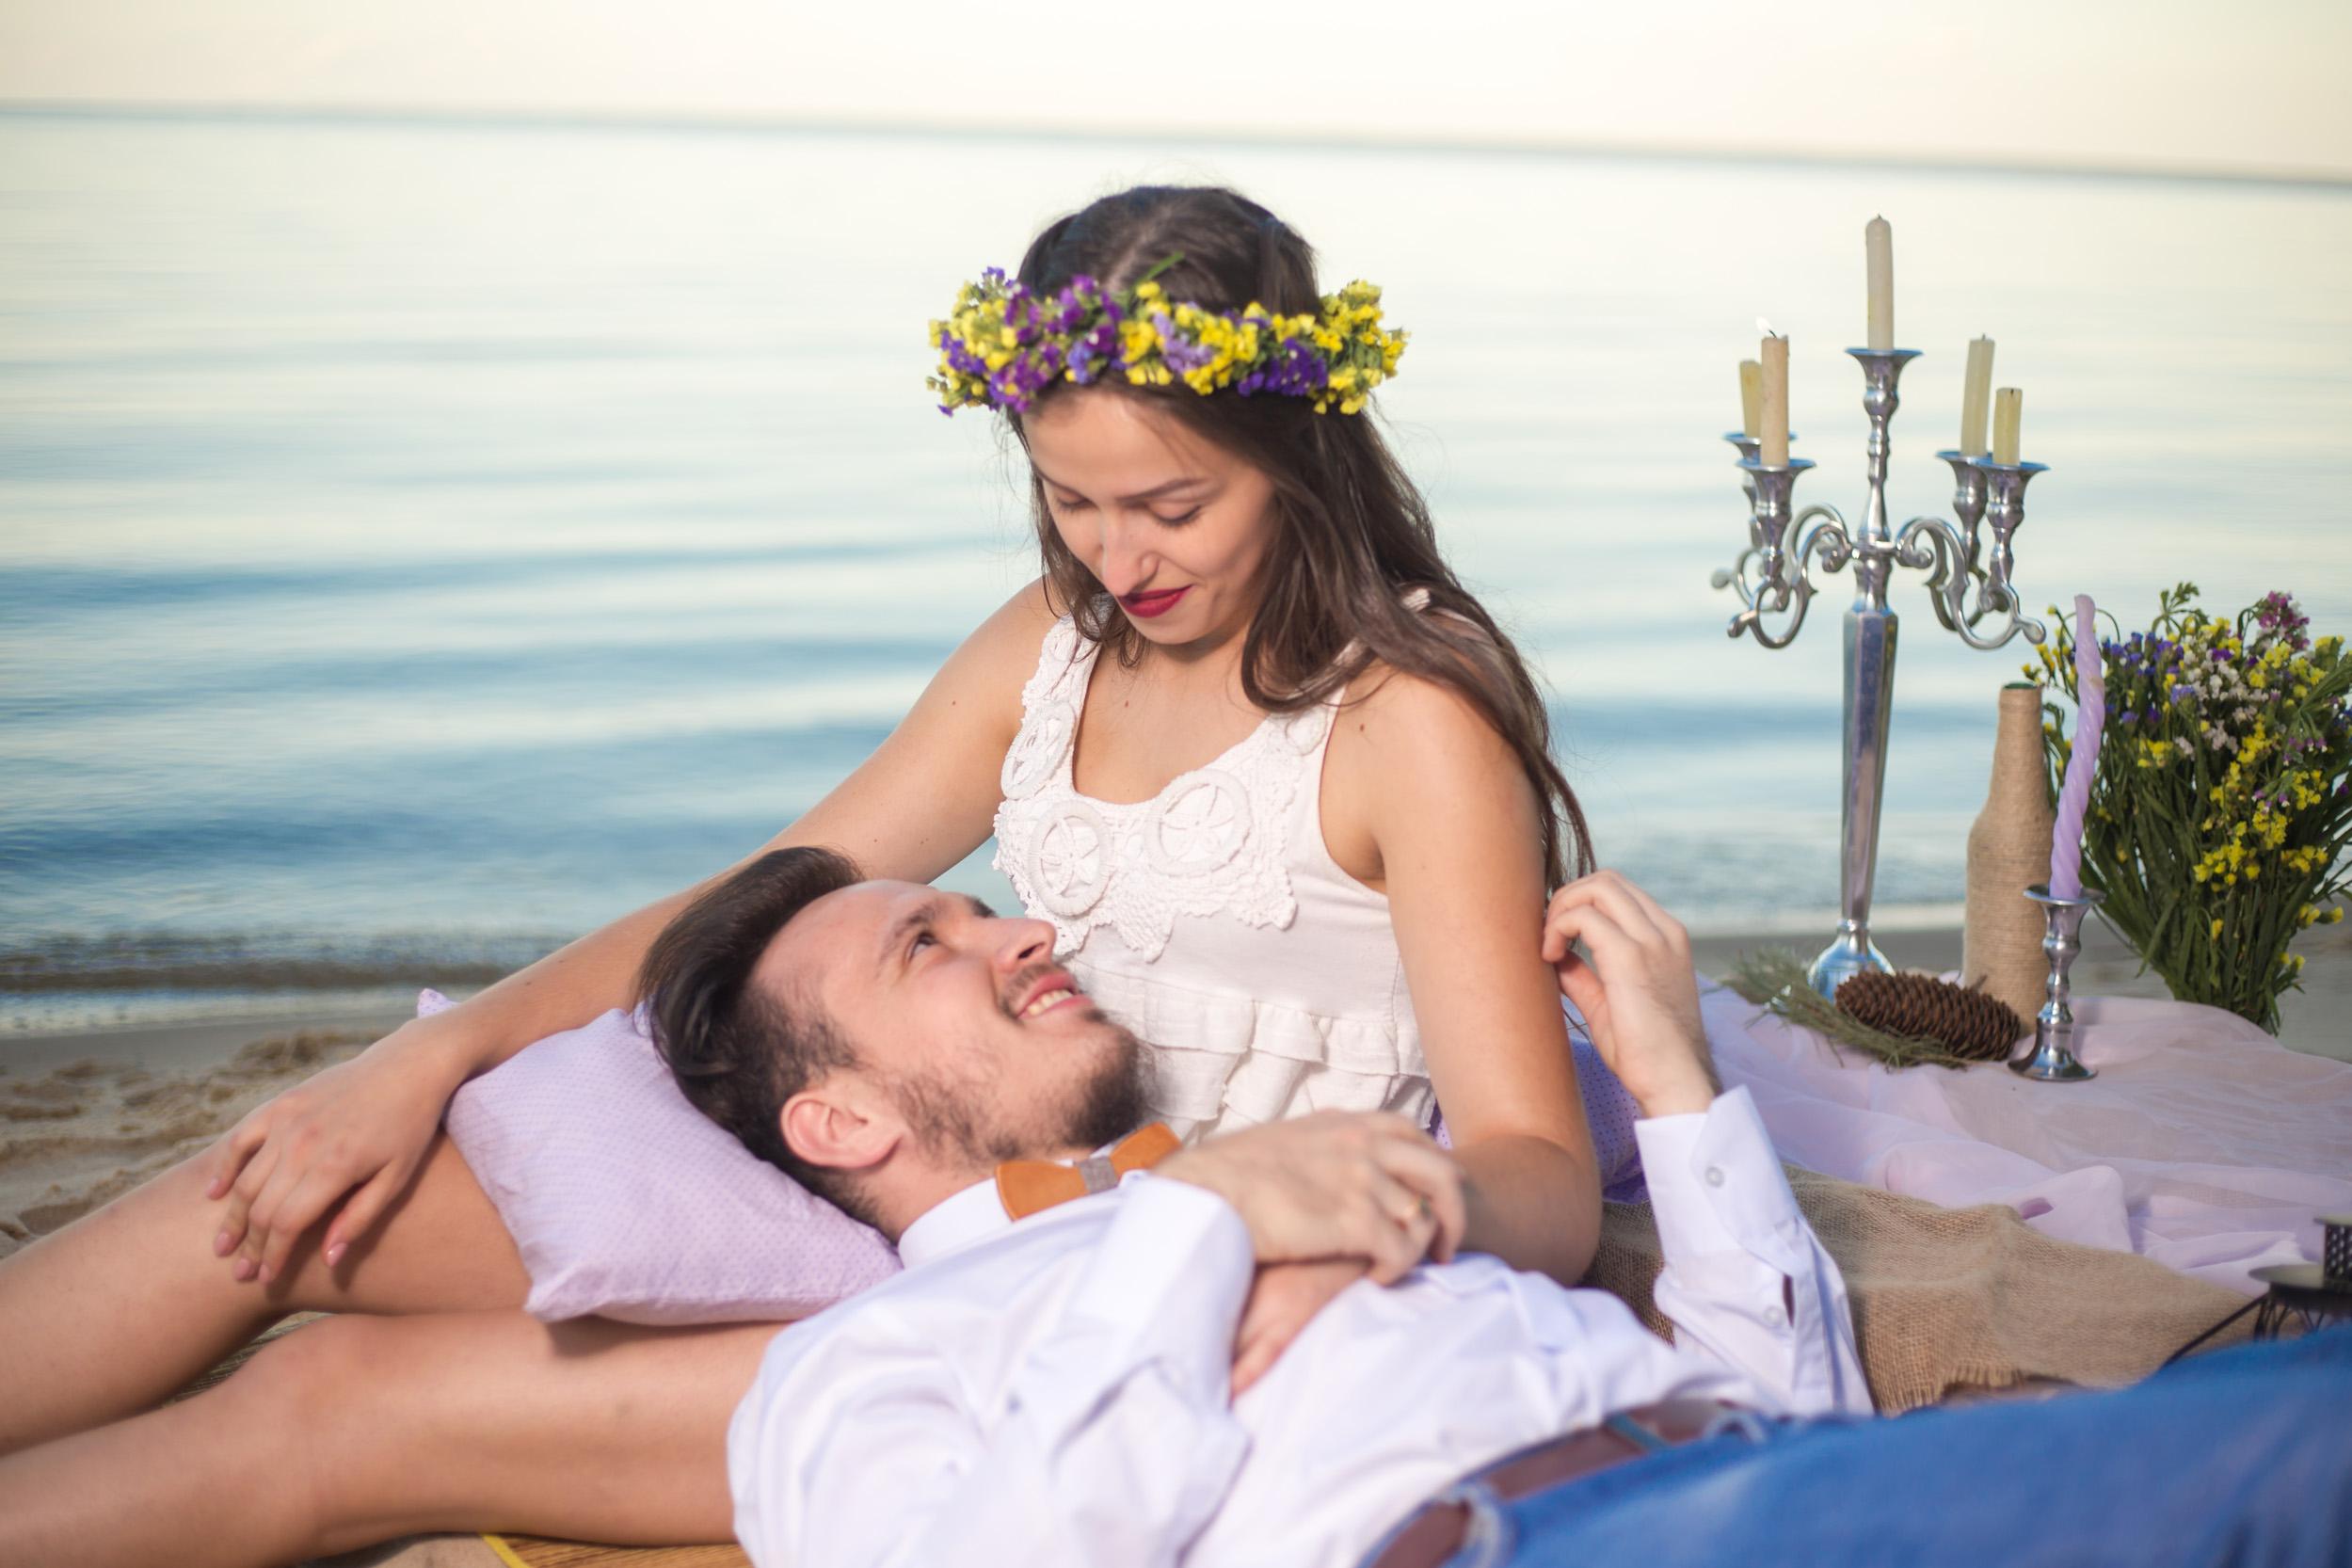 пикник на пляже, влюбленная пара на берегу, пикник на песке